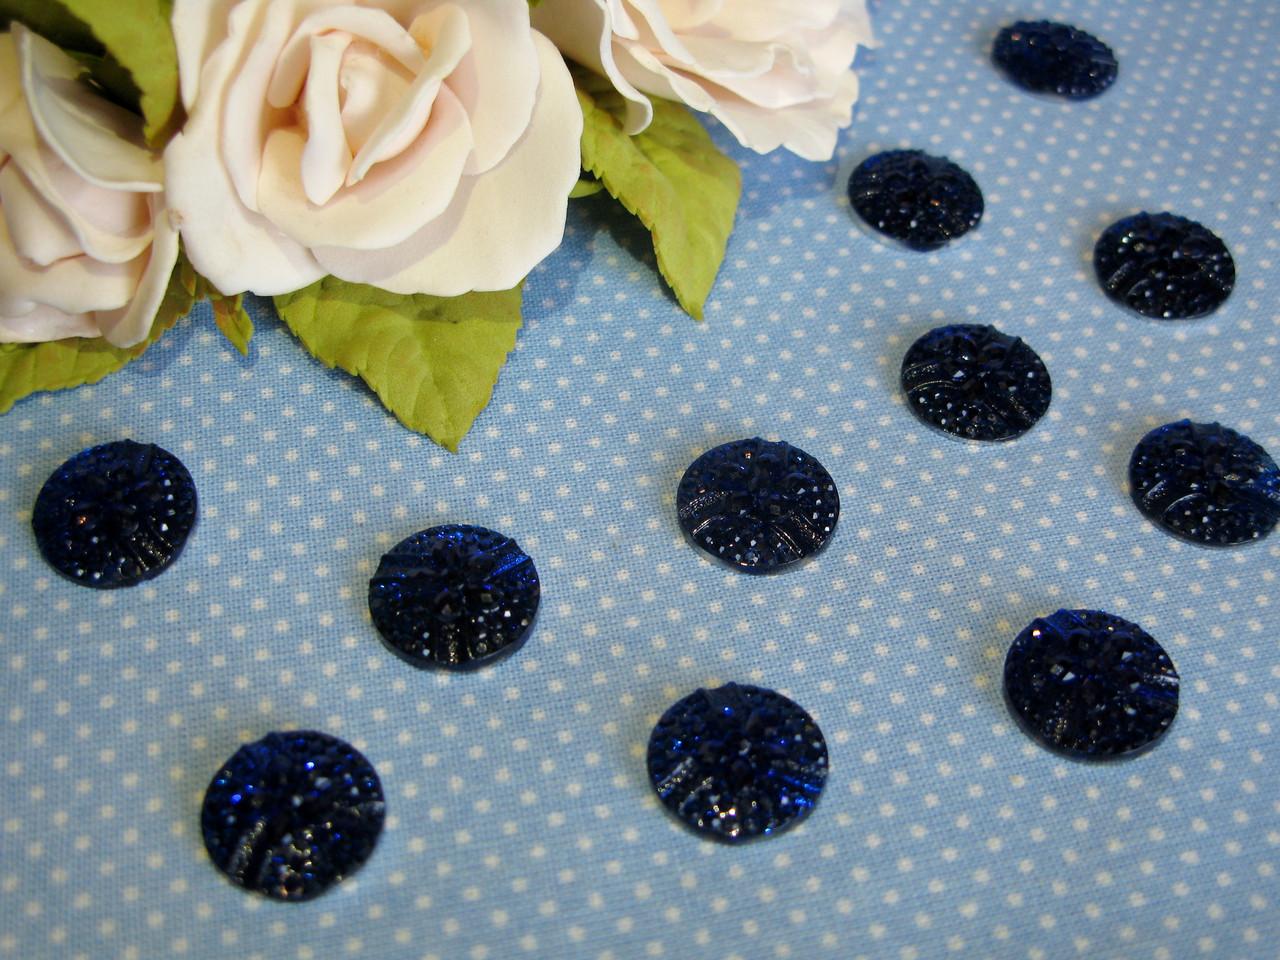 Полубусины - Цветочек цвет синий -  р-р 16 мм цена 1 грн - 1 шт